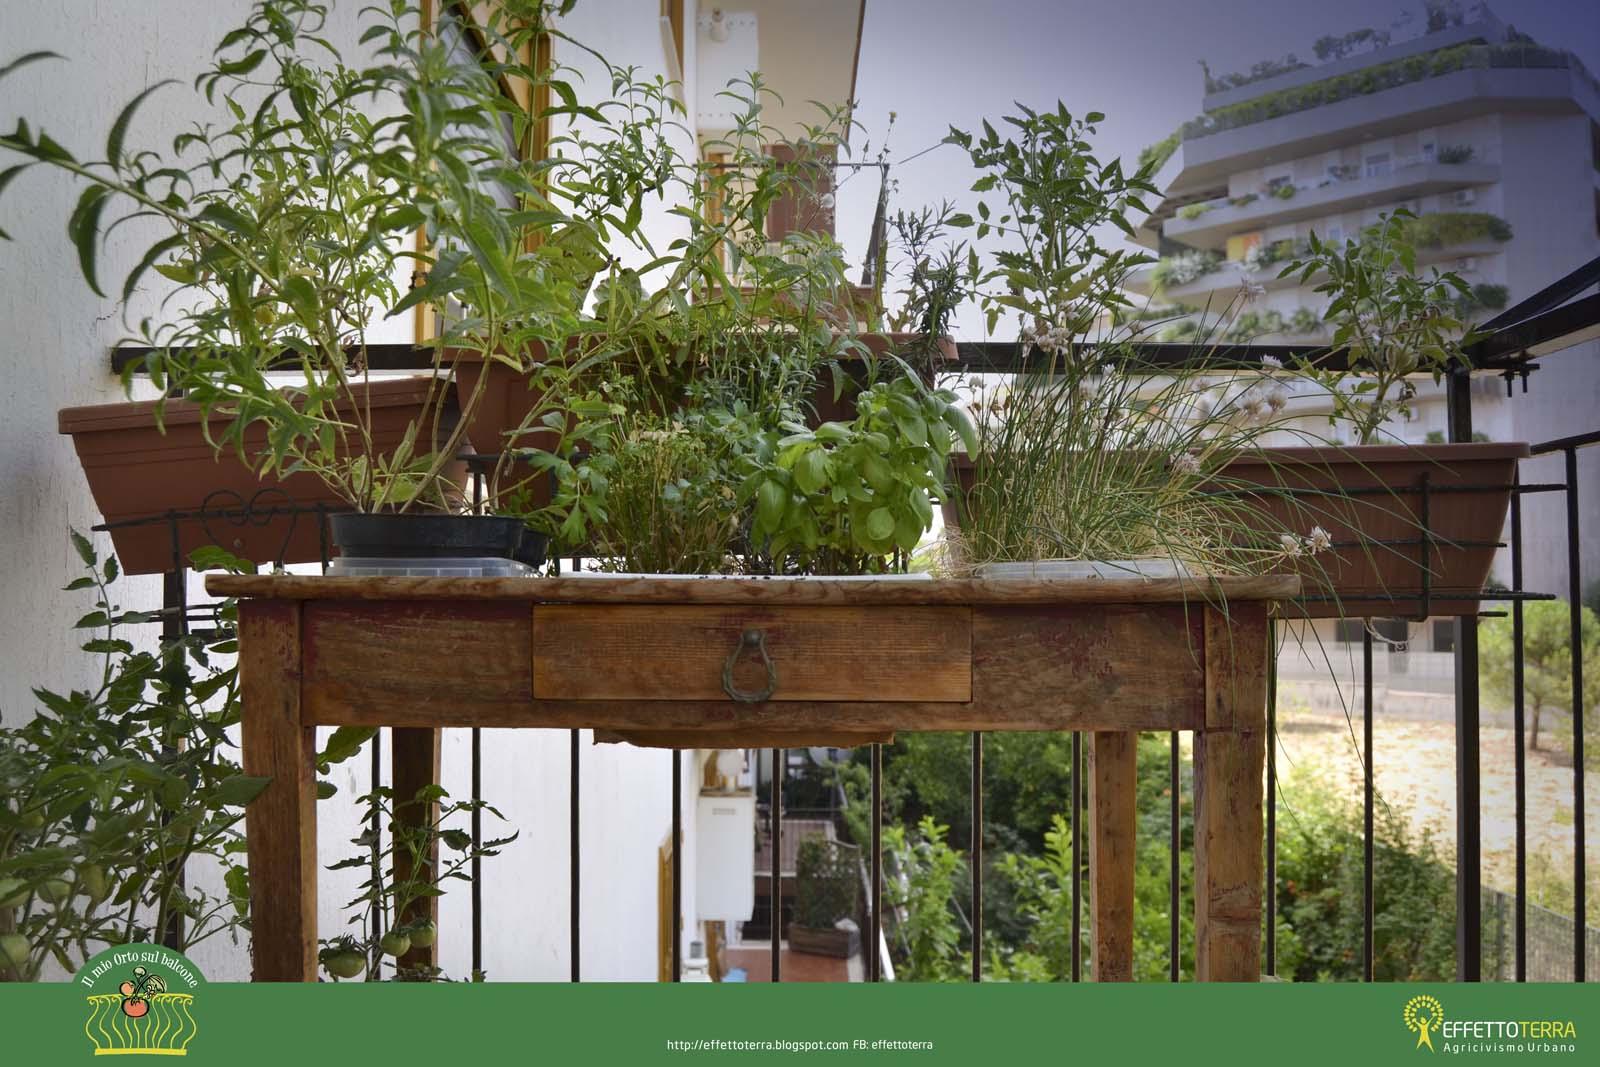 Effetto terra il mio orto sul balcone - Cucina sul balcone ...